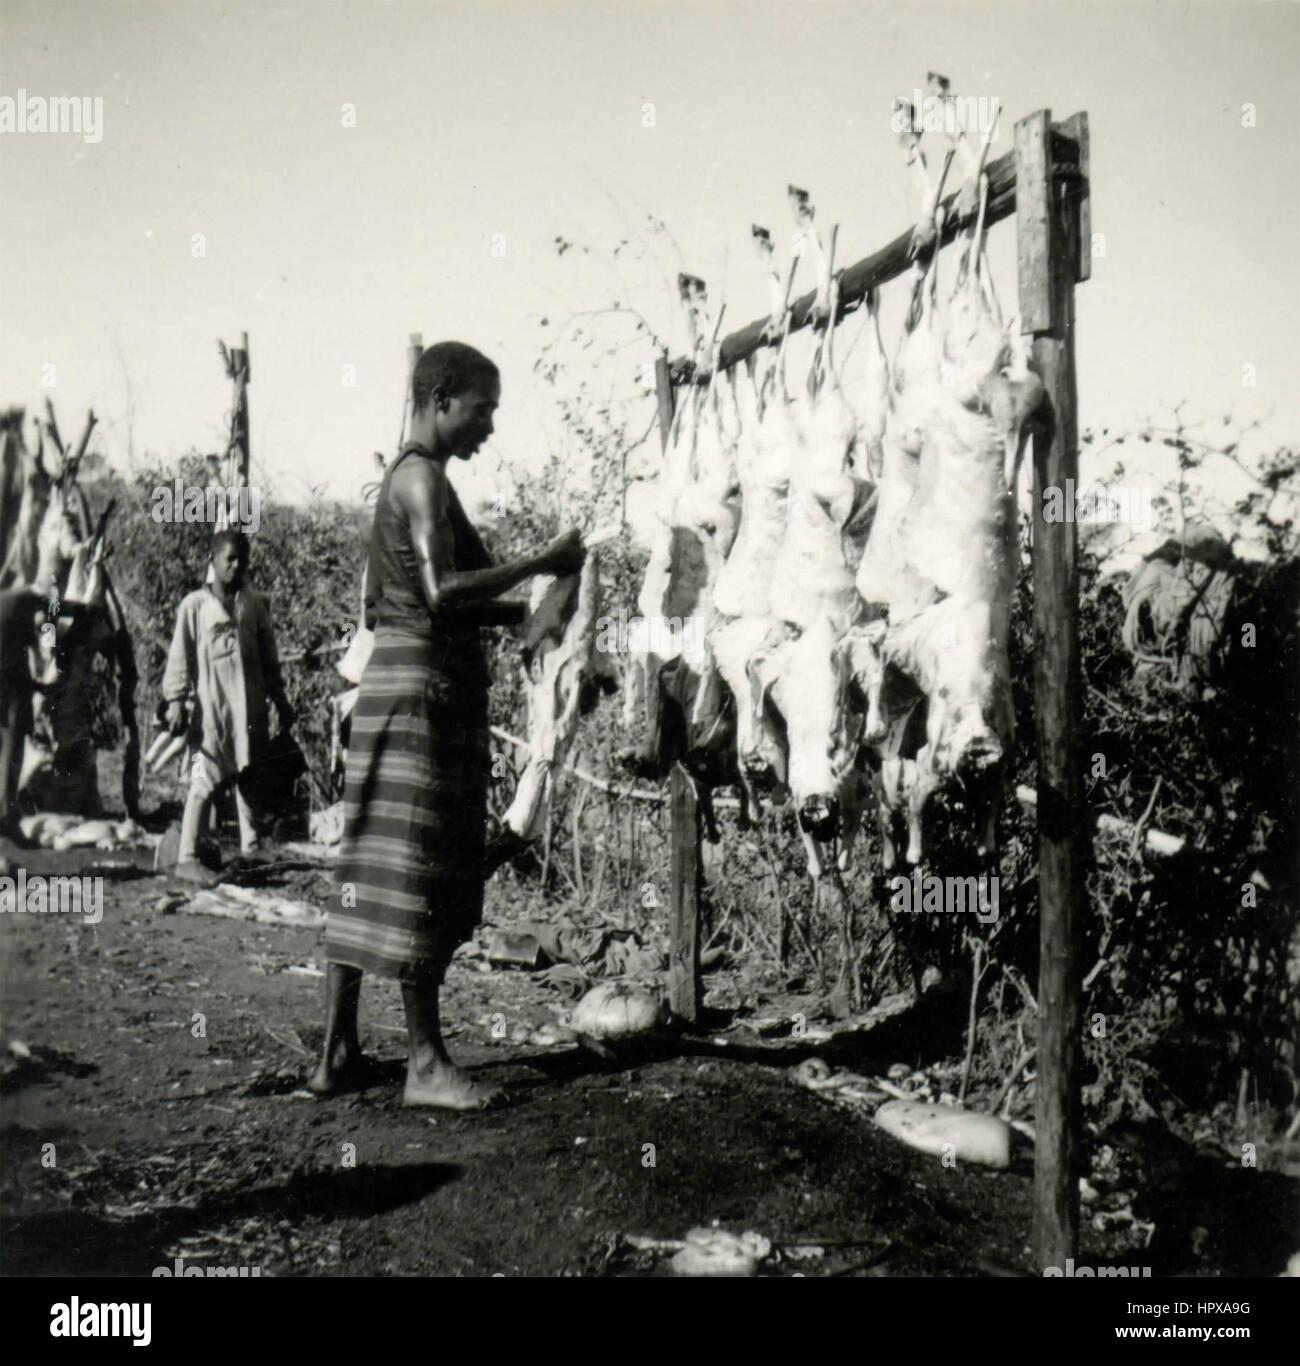 Preparing the animals captured, Harar, Ethiopia - Stock Image